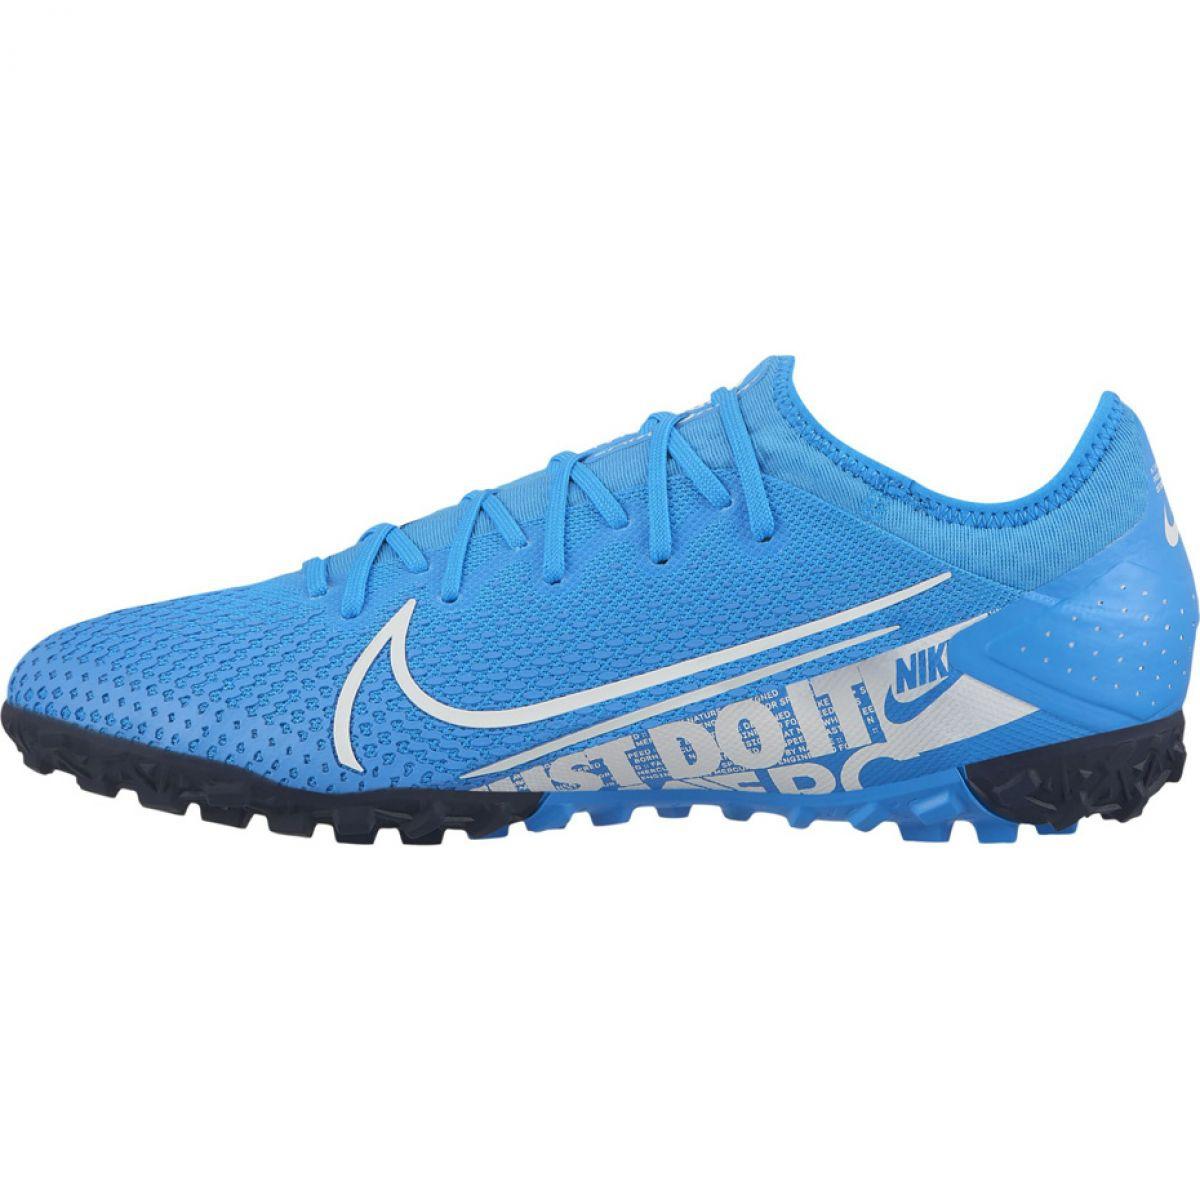 heiß-verkauf freiheit riesiges Inventar Original Kauf Fußballschuhe Nike Mercurial Vapor 13 Pro Tf M AT8004 414 blau